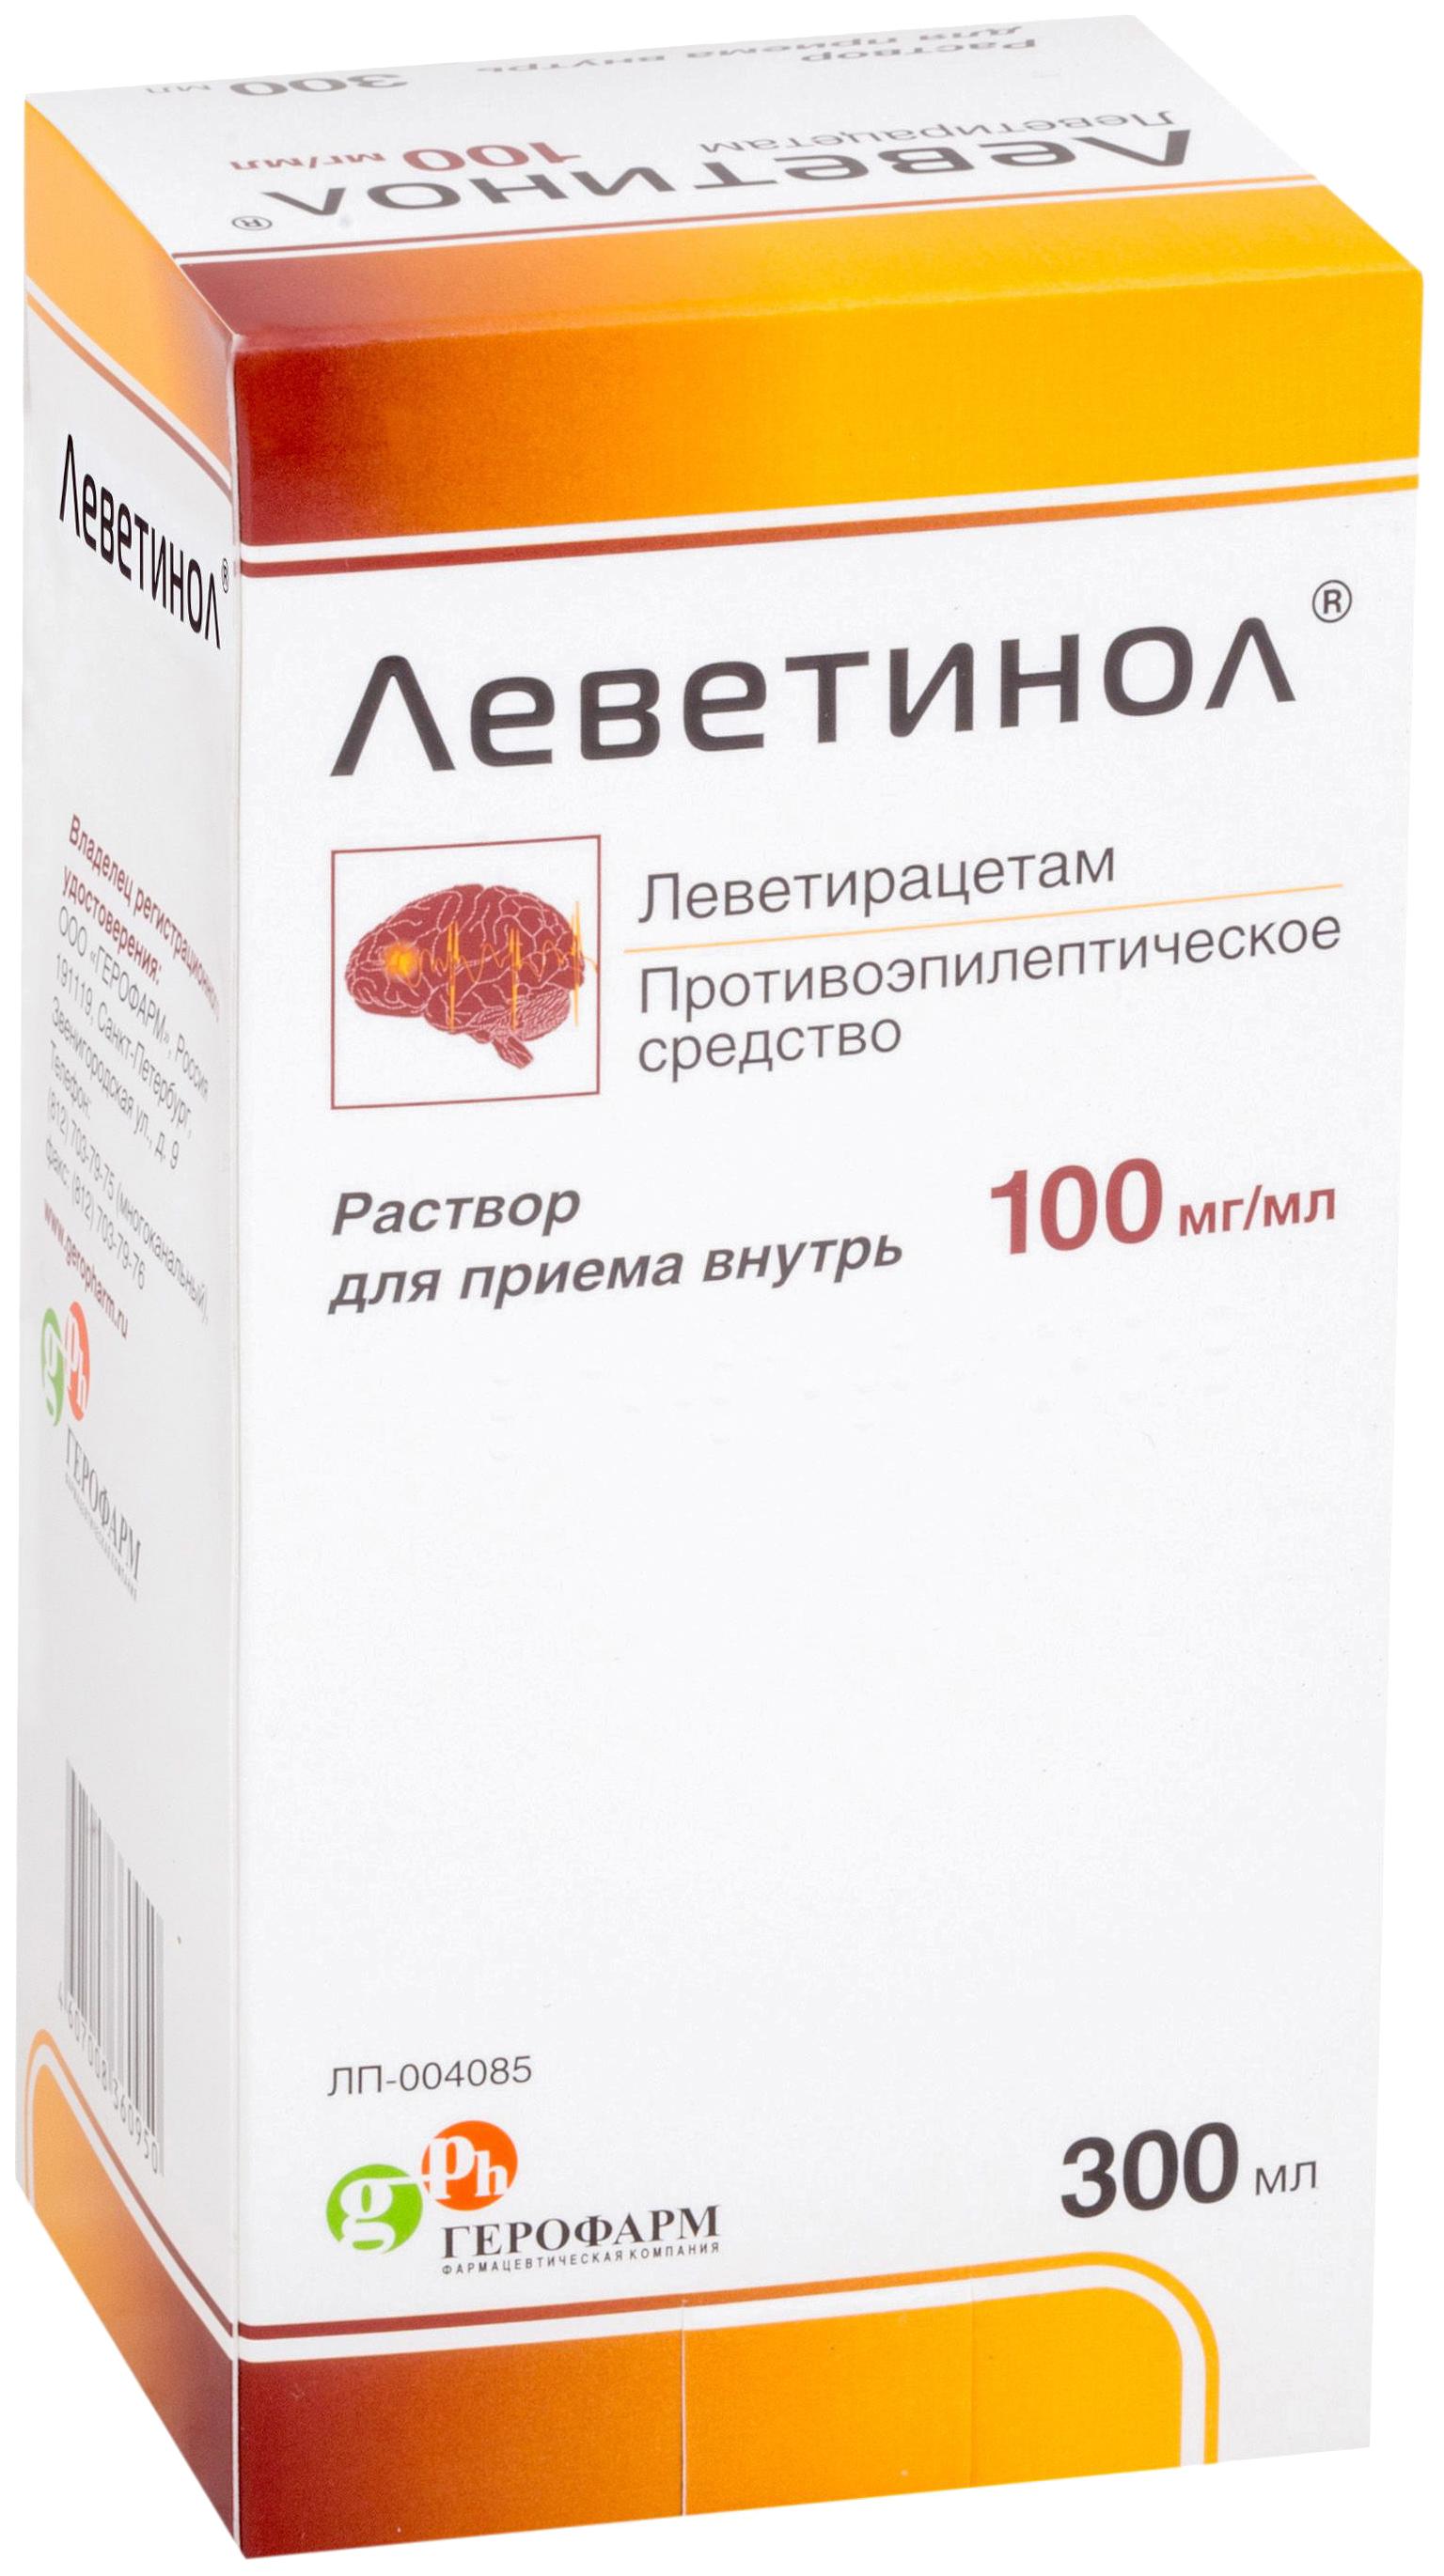 ЛЕВЕТИНОЛ 100мг/мл 300мл 1 шт. раствор для приема внутрь